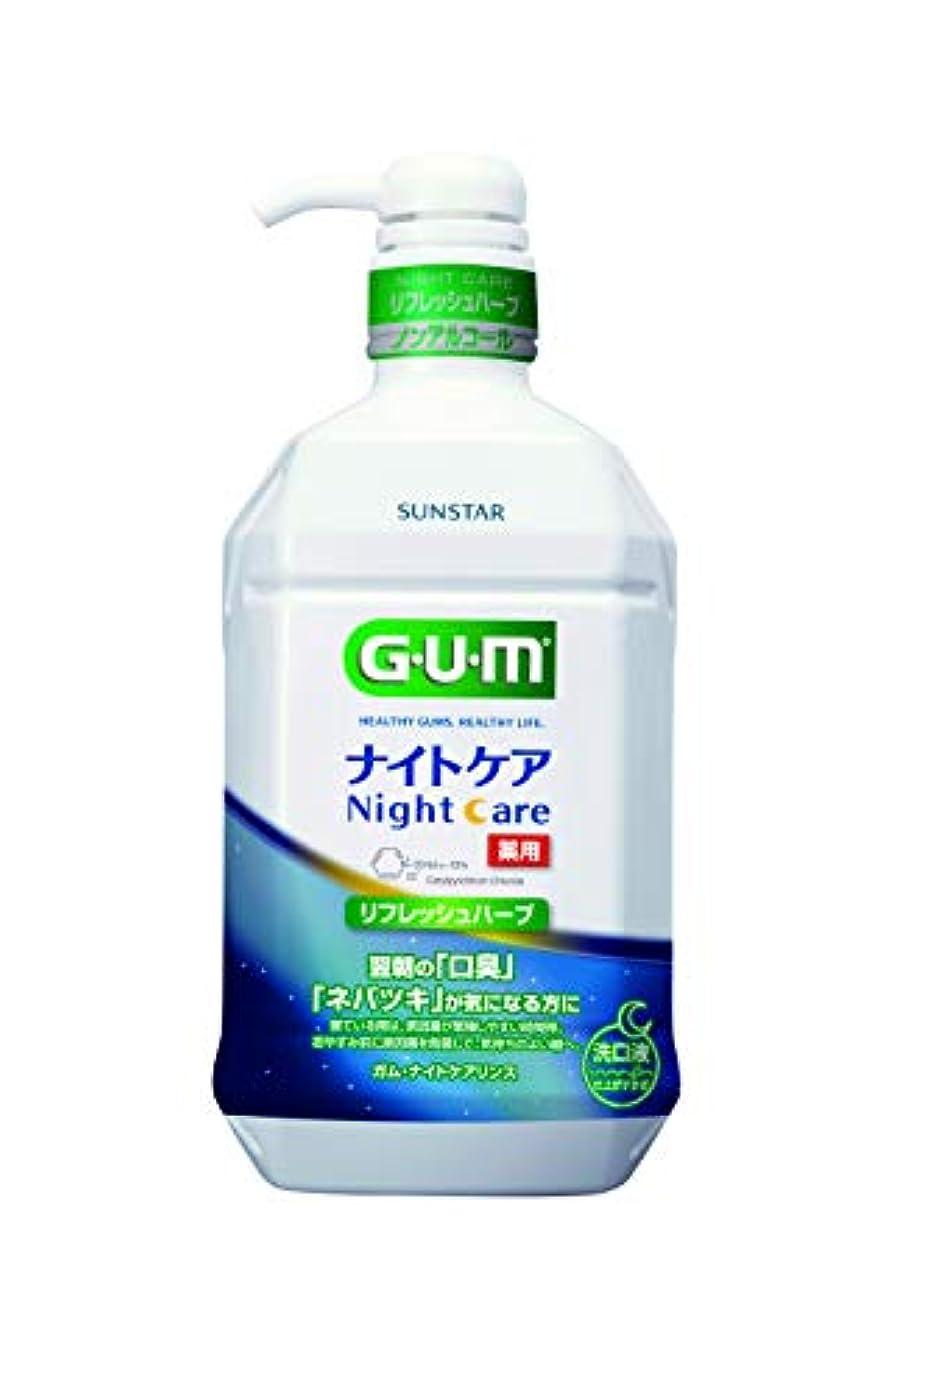 剃る雷雨バング(医薬部外品) GUM(ガム) マウスウォッシュ ナイトケア 薬用洗口液(リフレッシュハーブタイプ)900mL